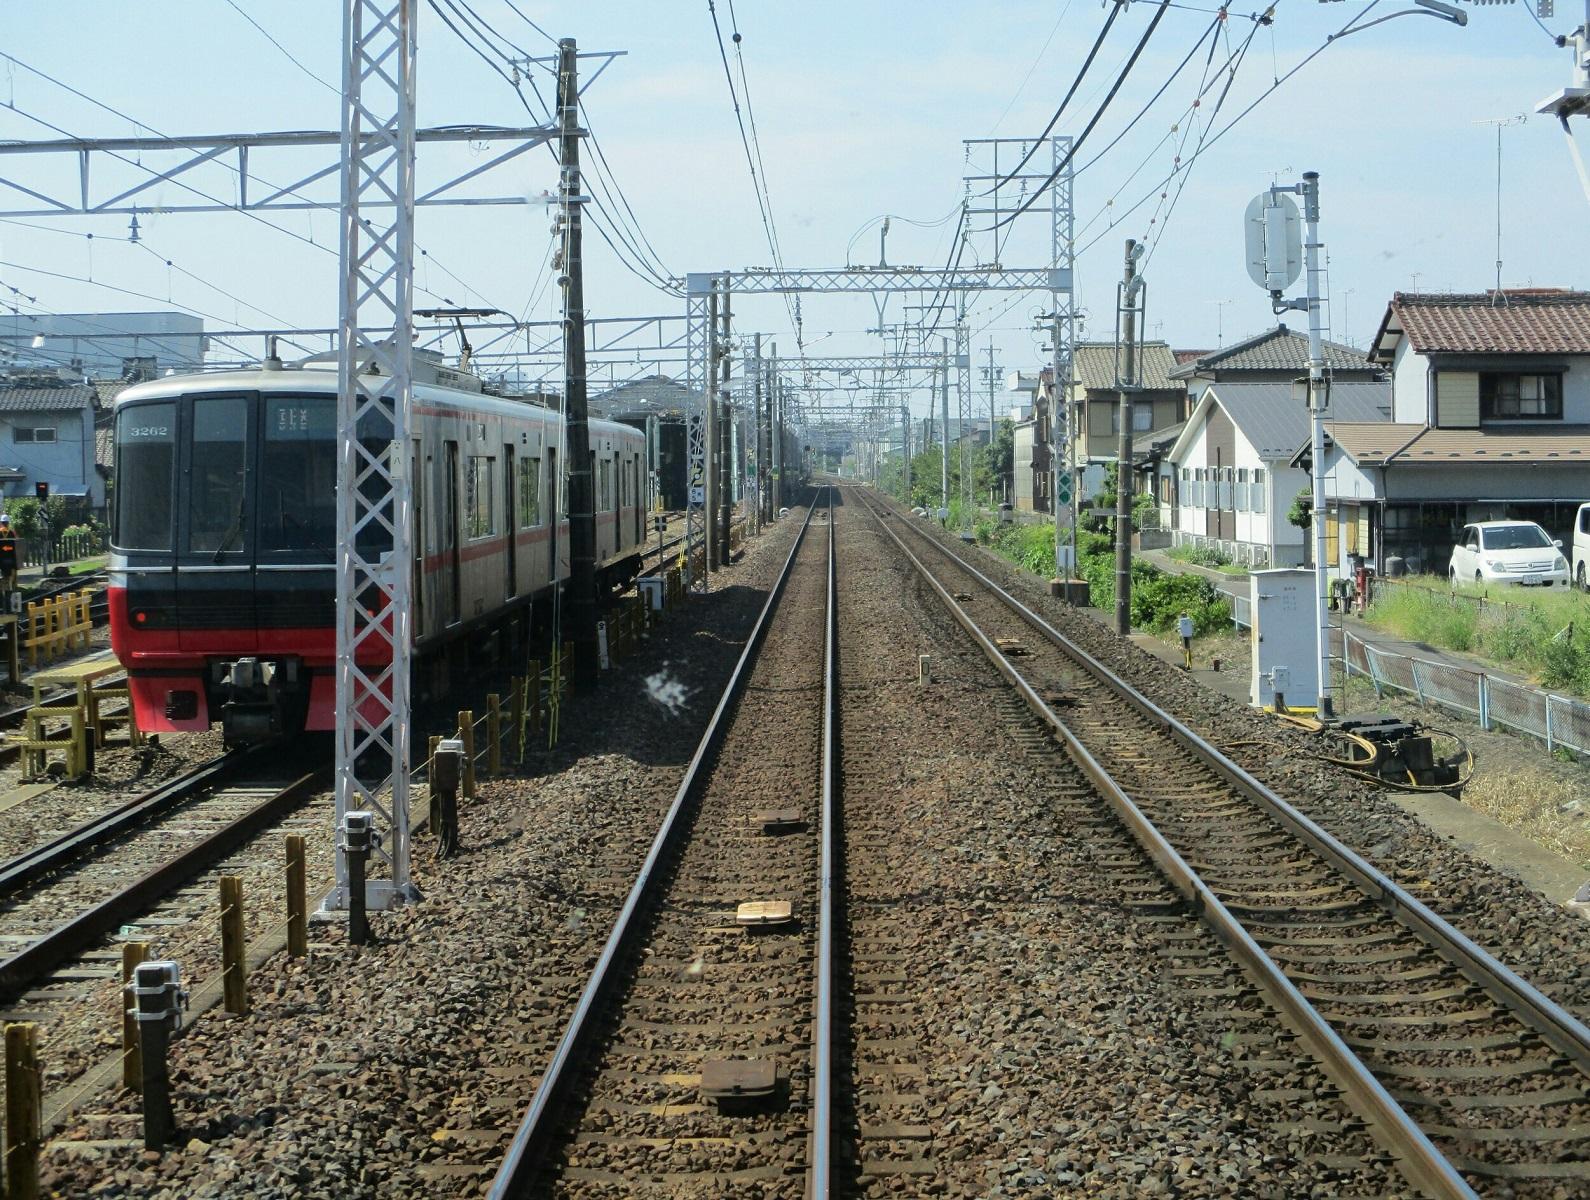 2018.7.18 (14) 須ヶ口いきふつう - 茶所車両基地 1590-1200